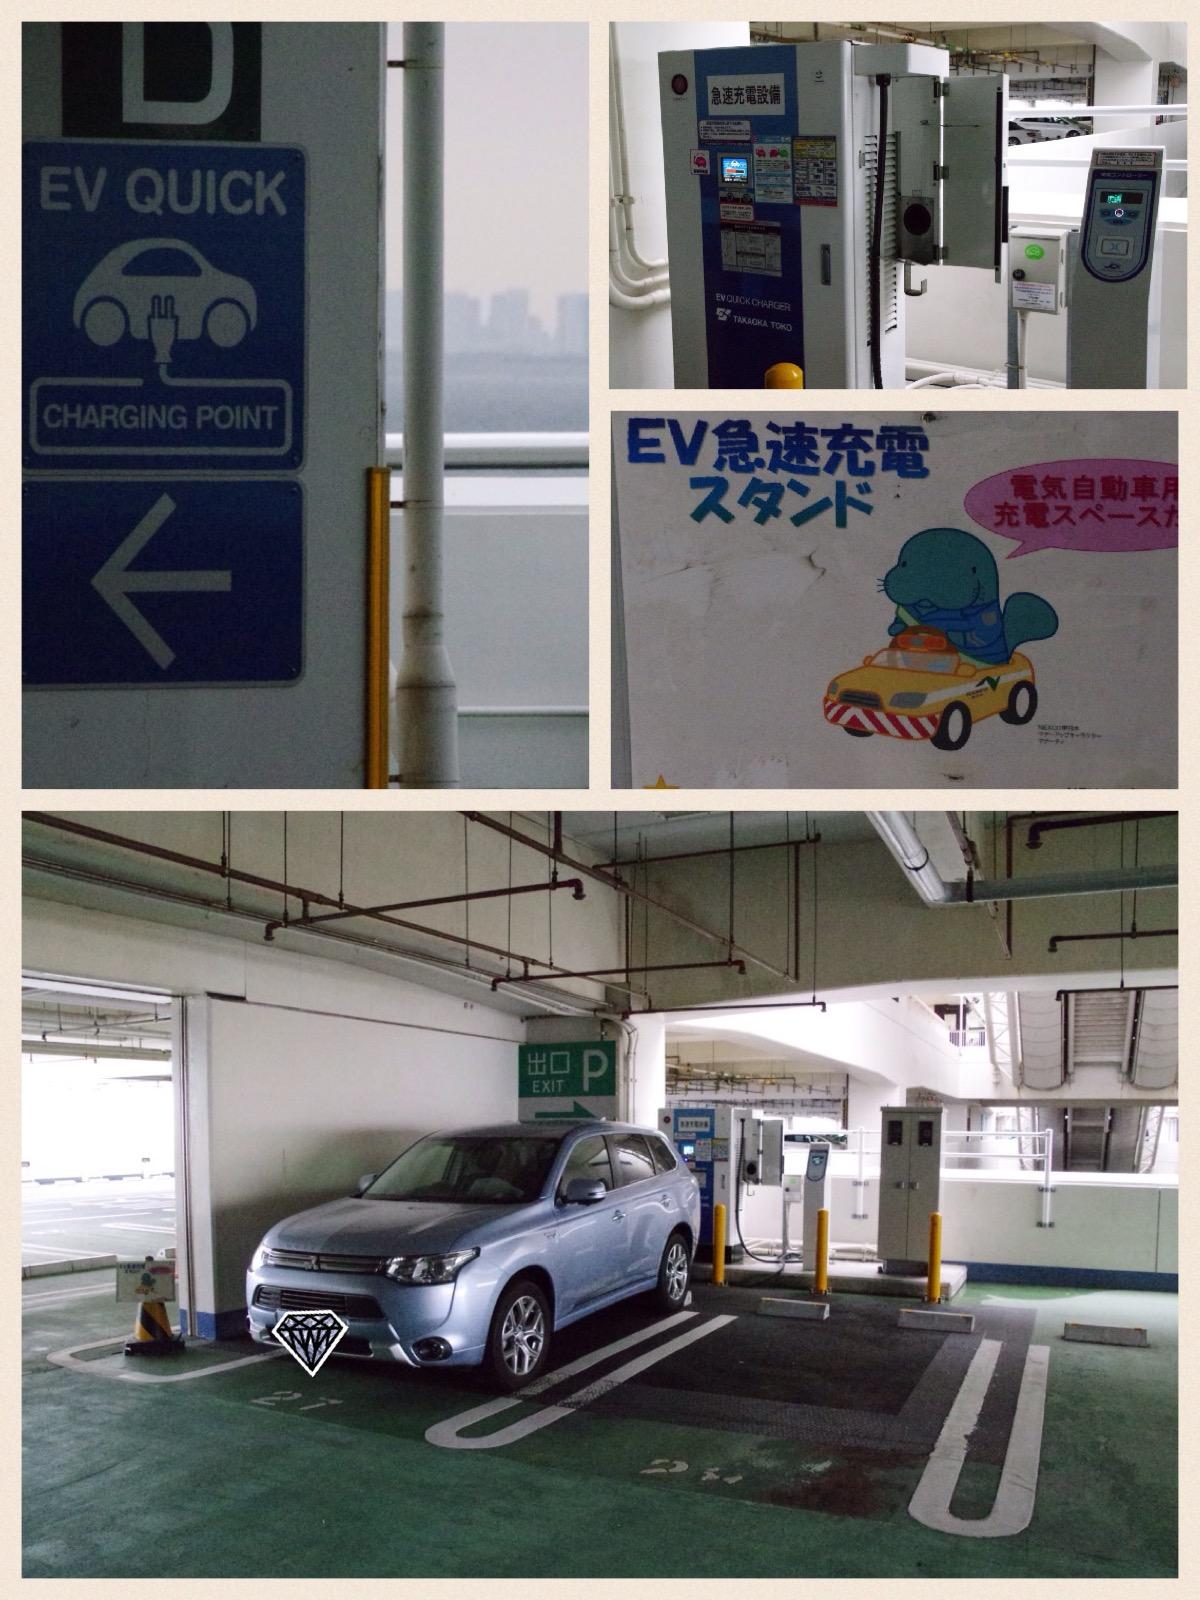 EV充電スポット 海ほたる駐車場